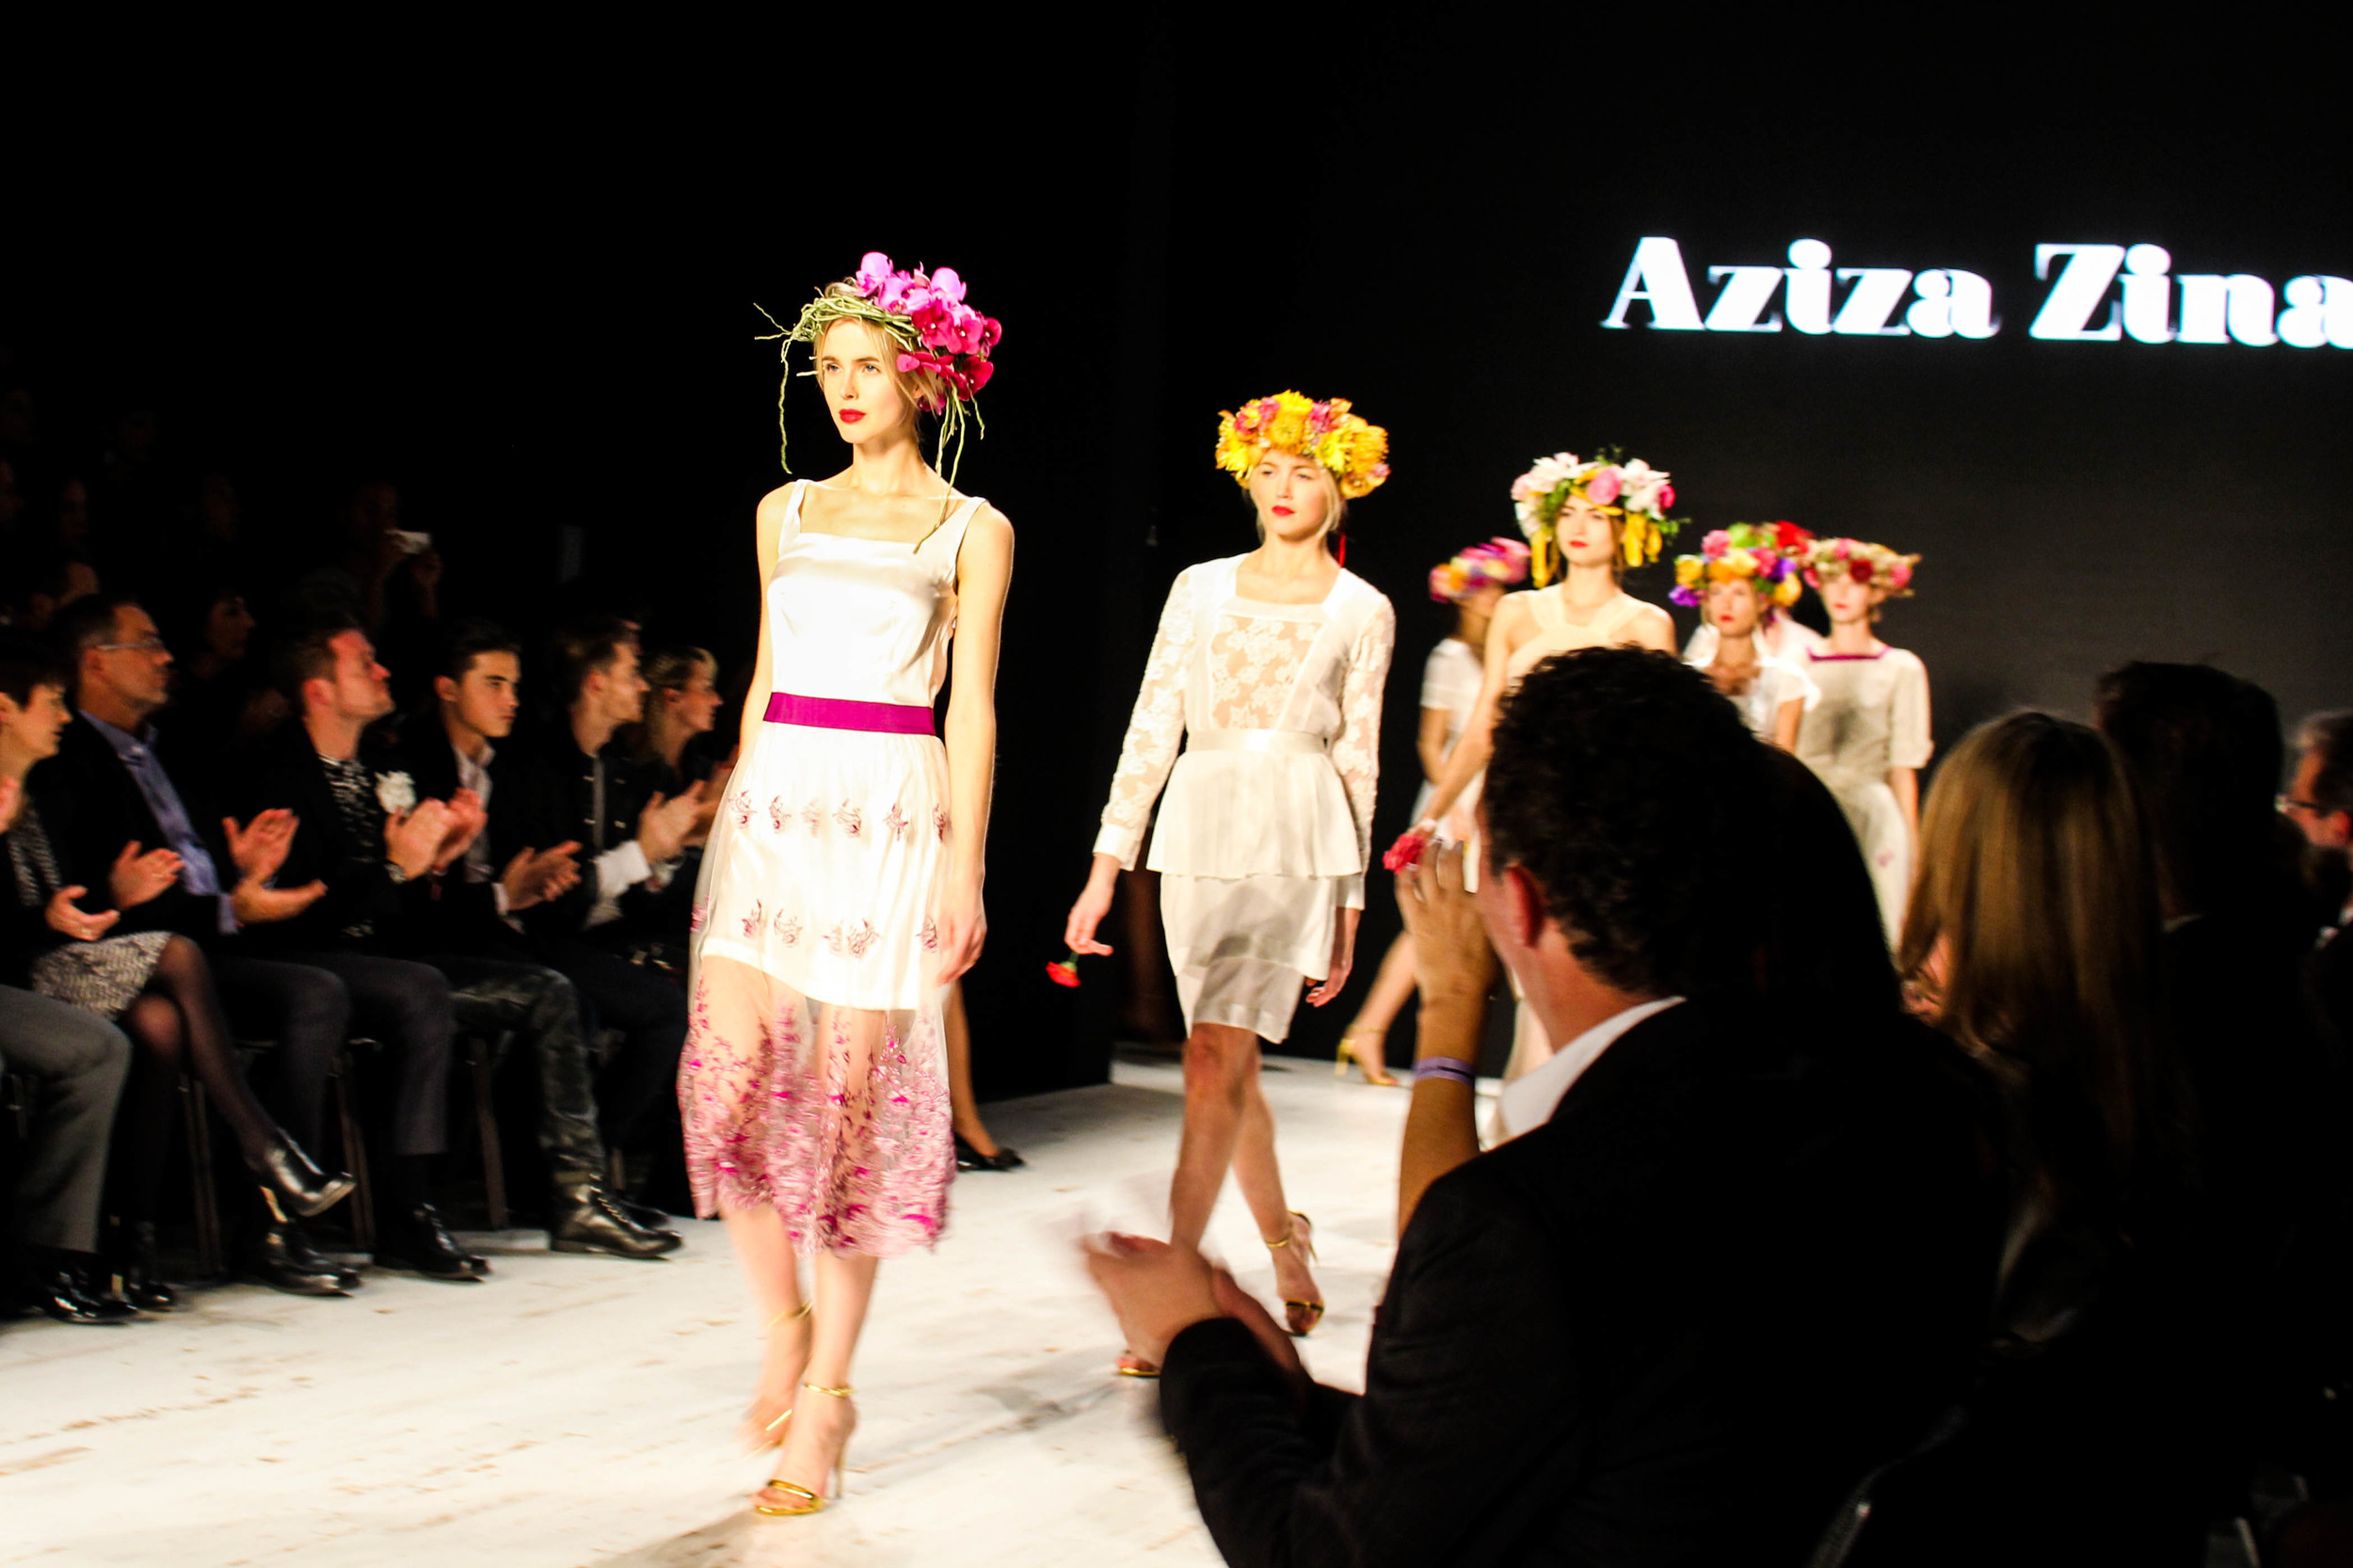 Aziza Zina